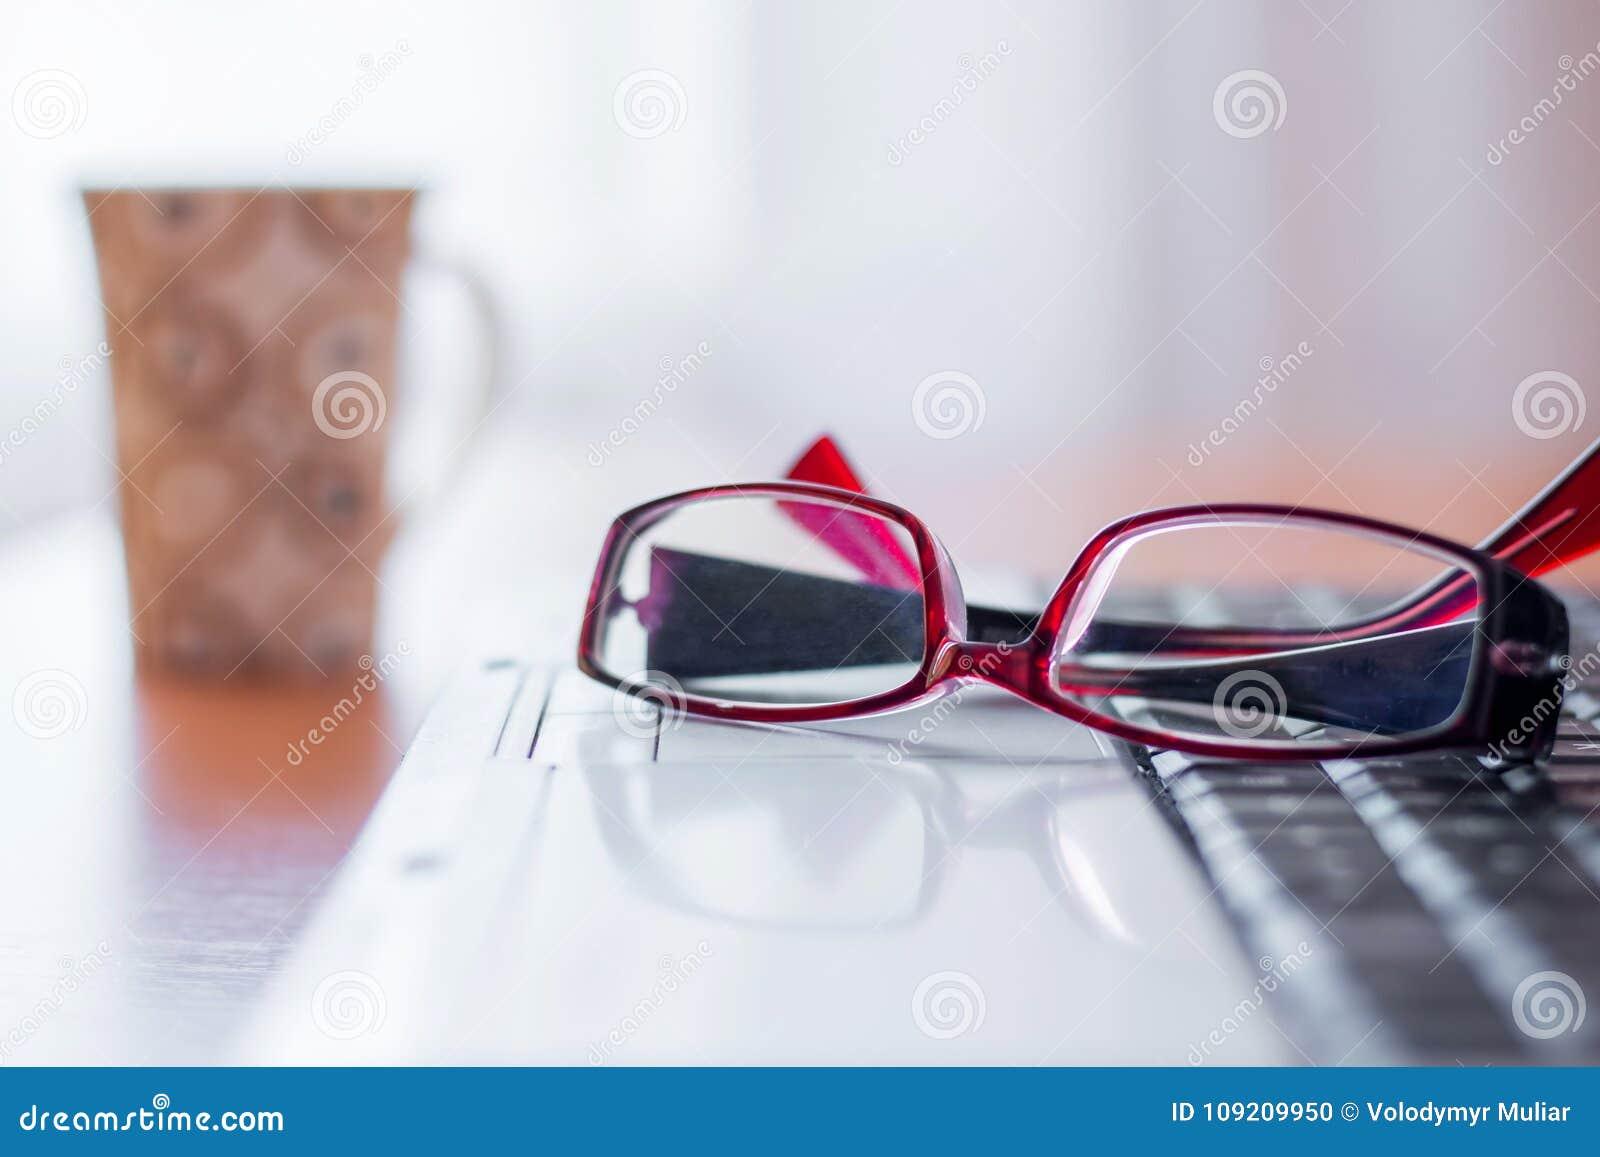 Op laptop lig glazen, verder op de lijst is een kop, in